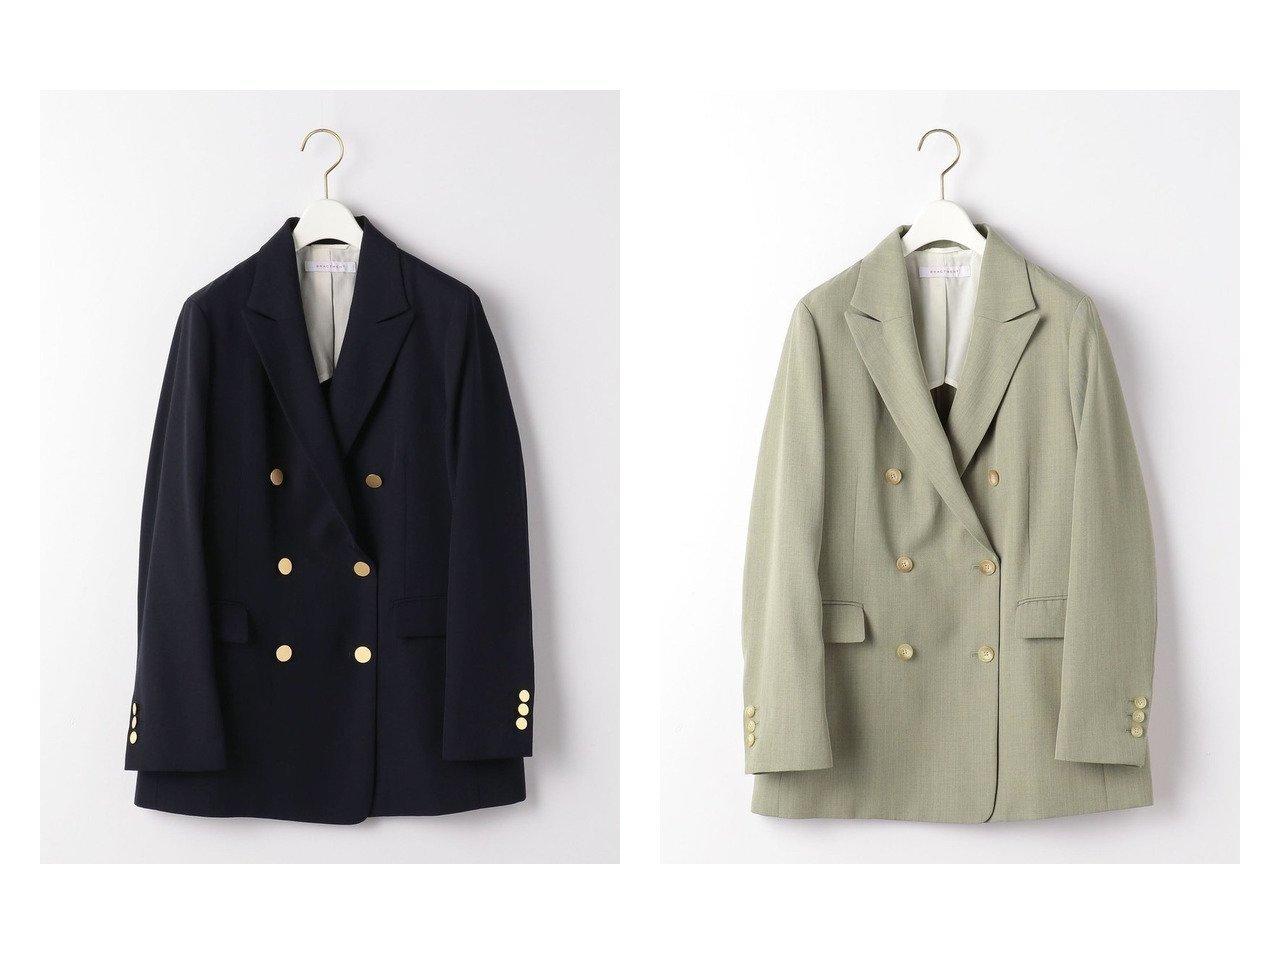 【green label relaxing / UNITED ARROWS/グリーンレーベル リラクシング / ユナイテッドアローズ】の『BRACTMENT(ブラクトメント)』Vi BOX ジャケット 【アウター】おすすめ!人気、トレンド・レディースファッションの通販  おすすめで人気の流行・トレンド、ファッションの通販商品 メンズファッション・キッズファッション・インテリア・家具・レディースファッション・服の通販 founy(ファニー) https://founy.com/ ファッション Fashion レディースファッション WOMEN アウター Coat Outerwear コート Coats ジャケット Jackets テーラードジャケット Tailored Jackets ジャケット セットアップ ツイル ネップ ベーシック リネン 2020年 2020 2021年 2021 S/S・春夏 SS・Spring/Summer 2020春夏・S/S SS・Spring/Summer/2020 2021春夏・S/S SS/Spring/Summer/2021 |ID:crp329100000032062